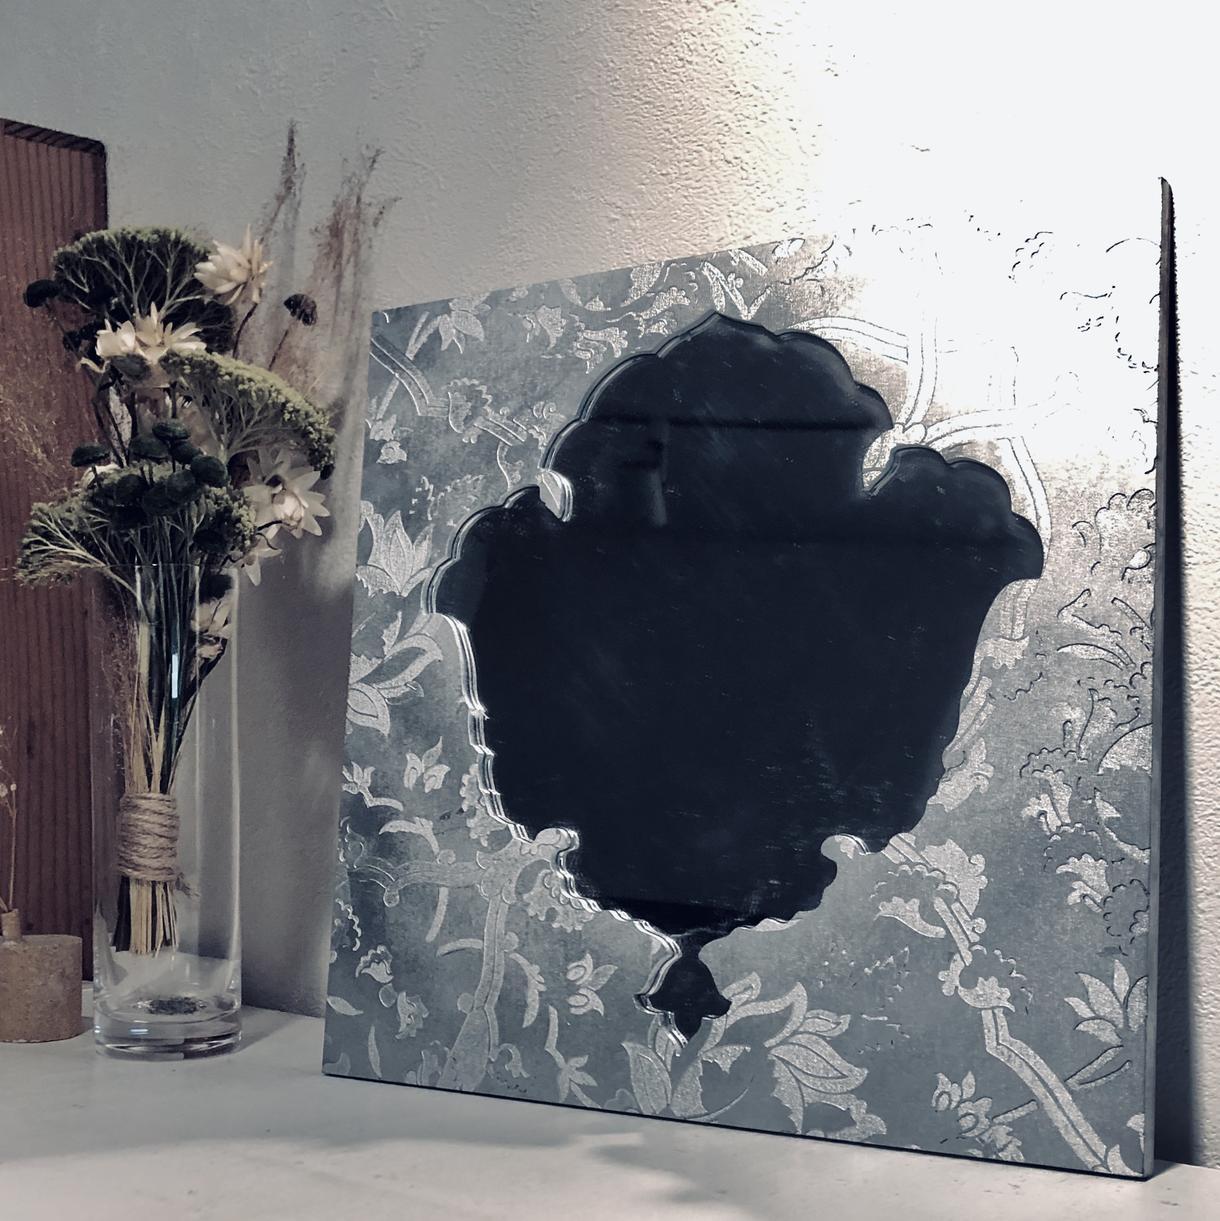 オリジナルの鏡つくります プロのデザイナーがあなただけの鏡をプロデュース&製作!